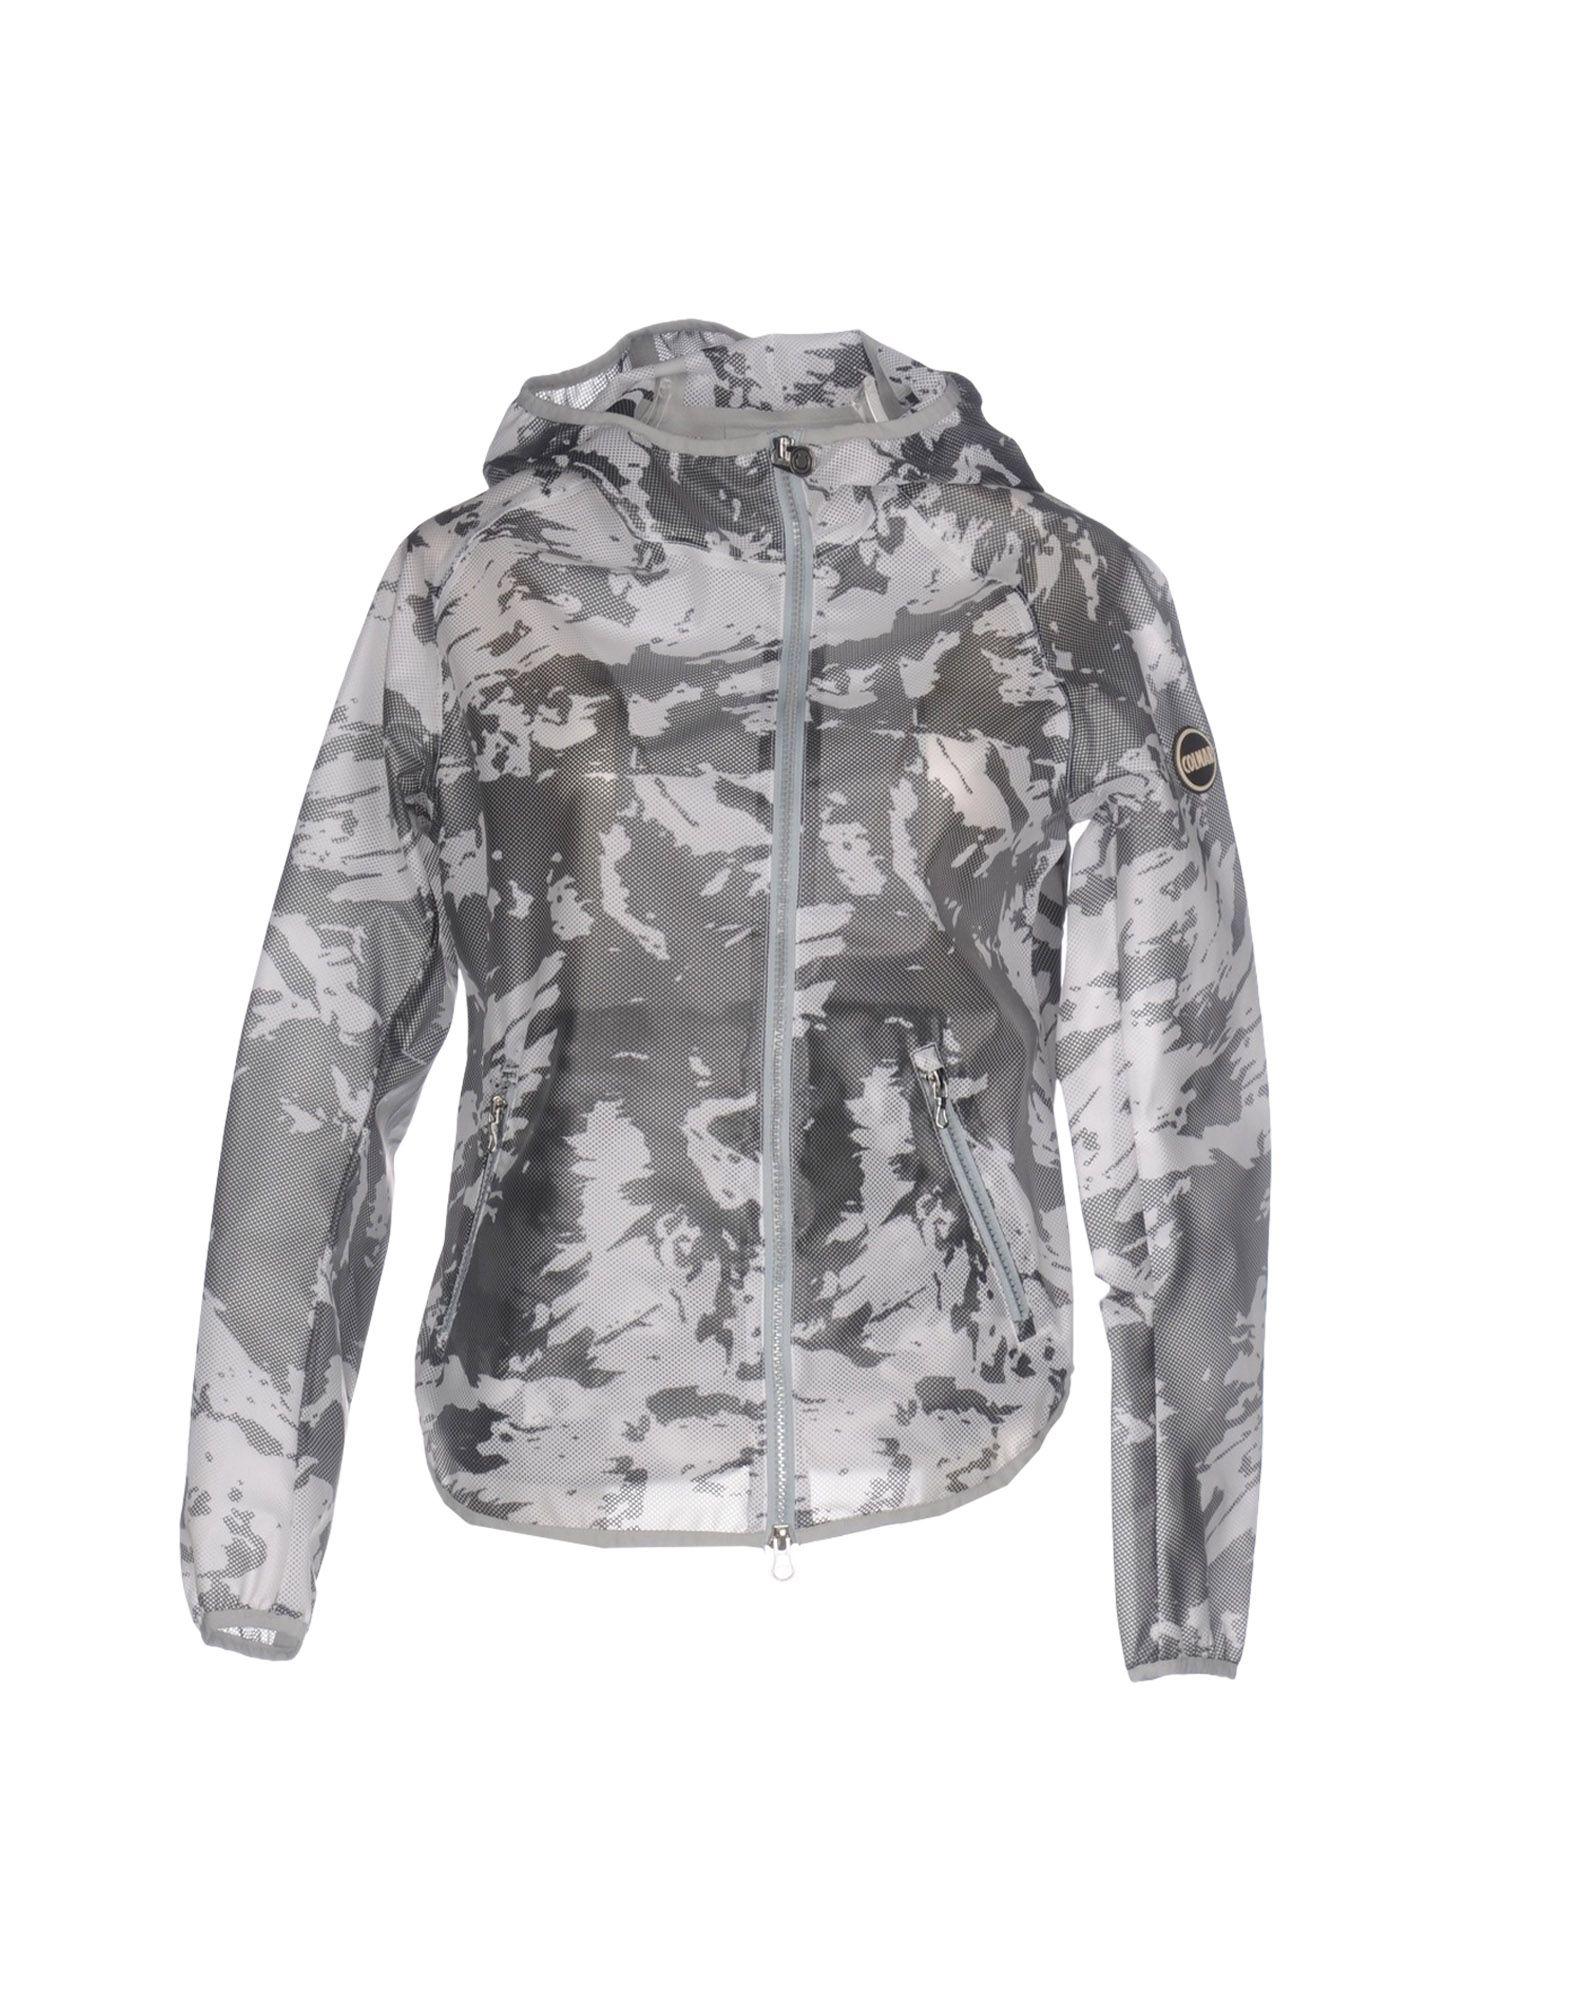 COLMAR ORIGINALS Jacket in Grey